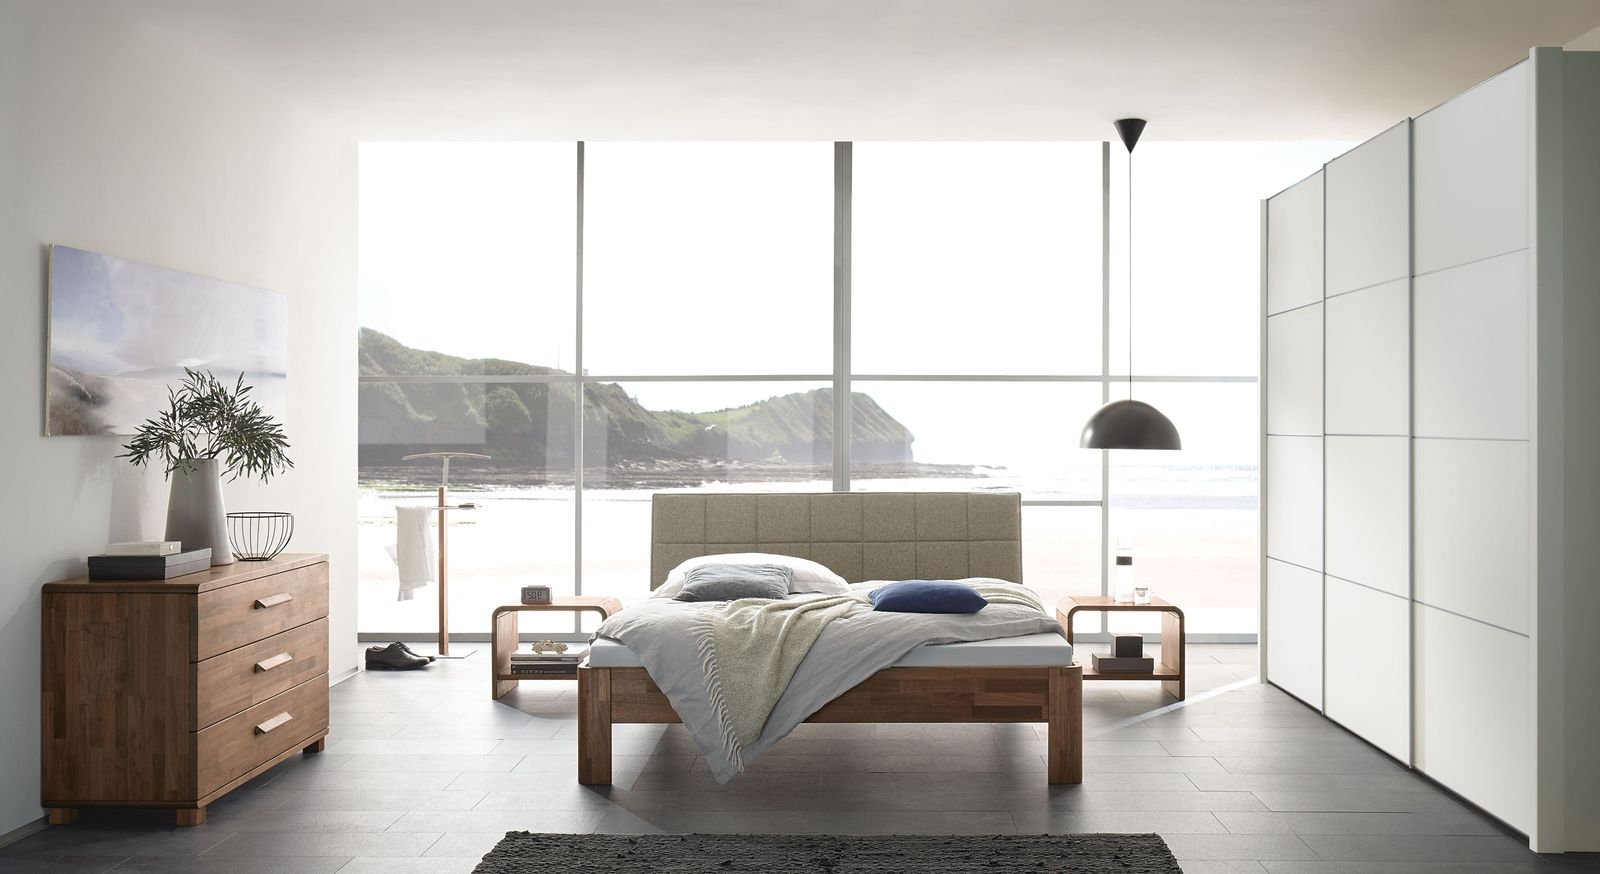 Komplett-Schlafzimmer Pello mit abgestimmten Möbeln